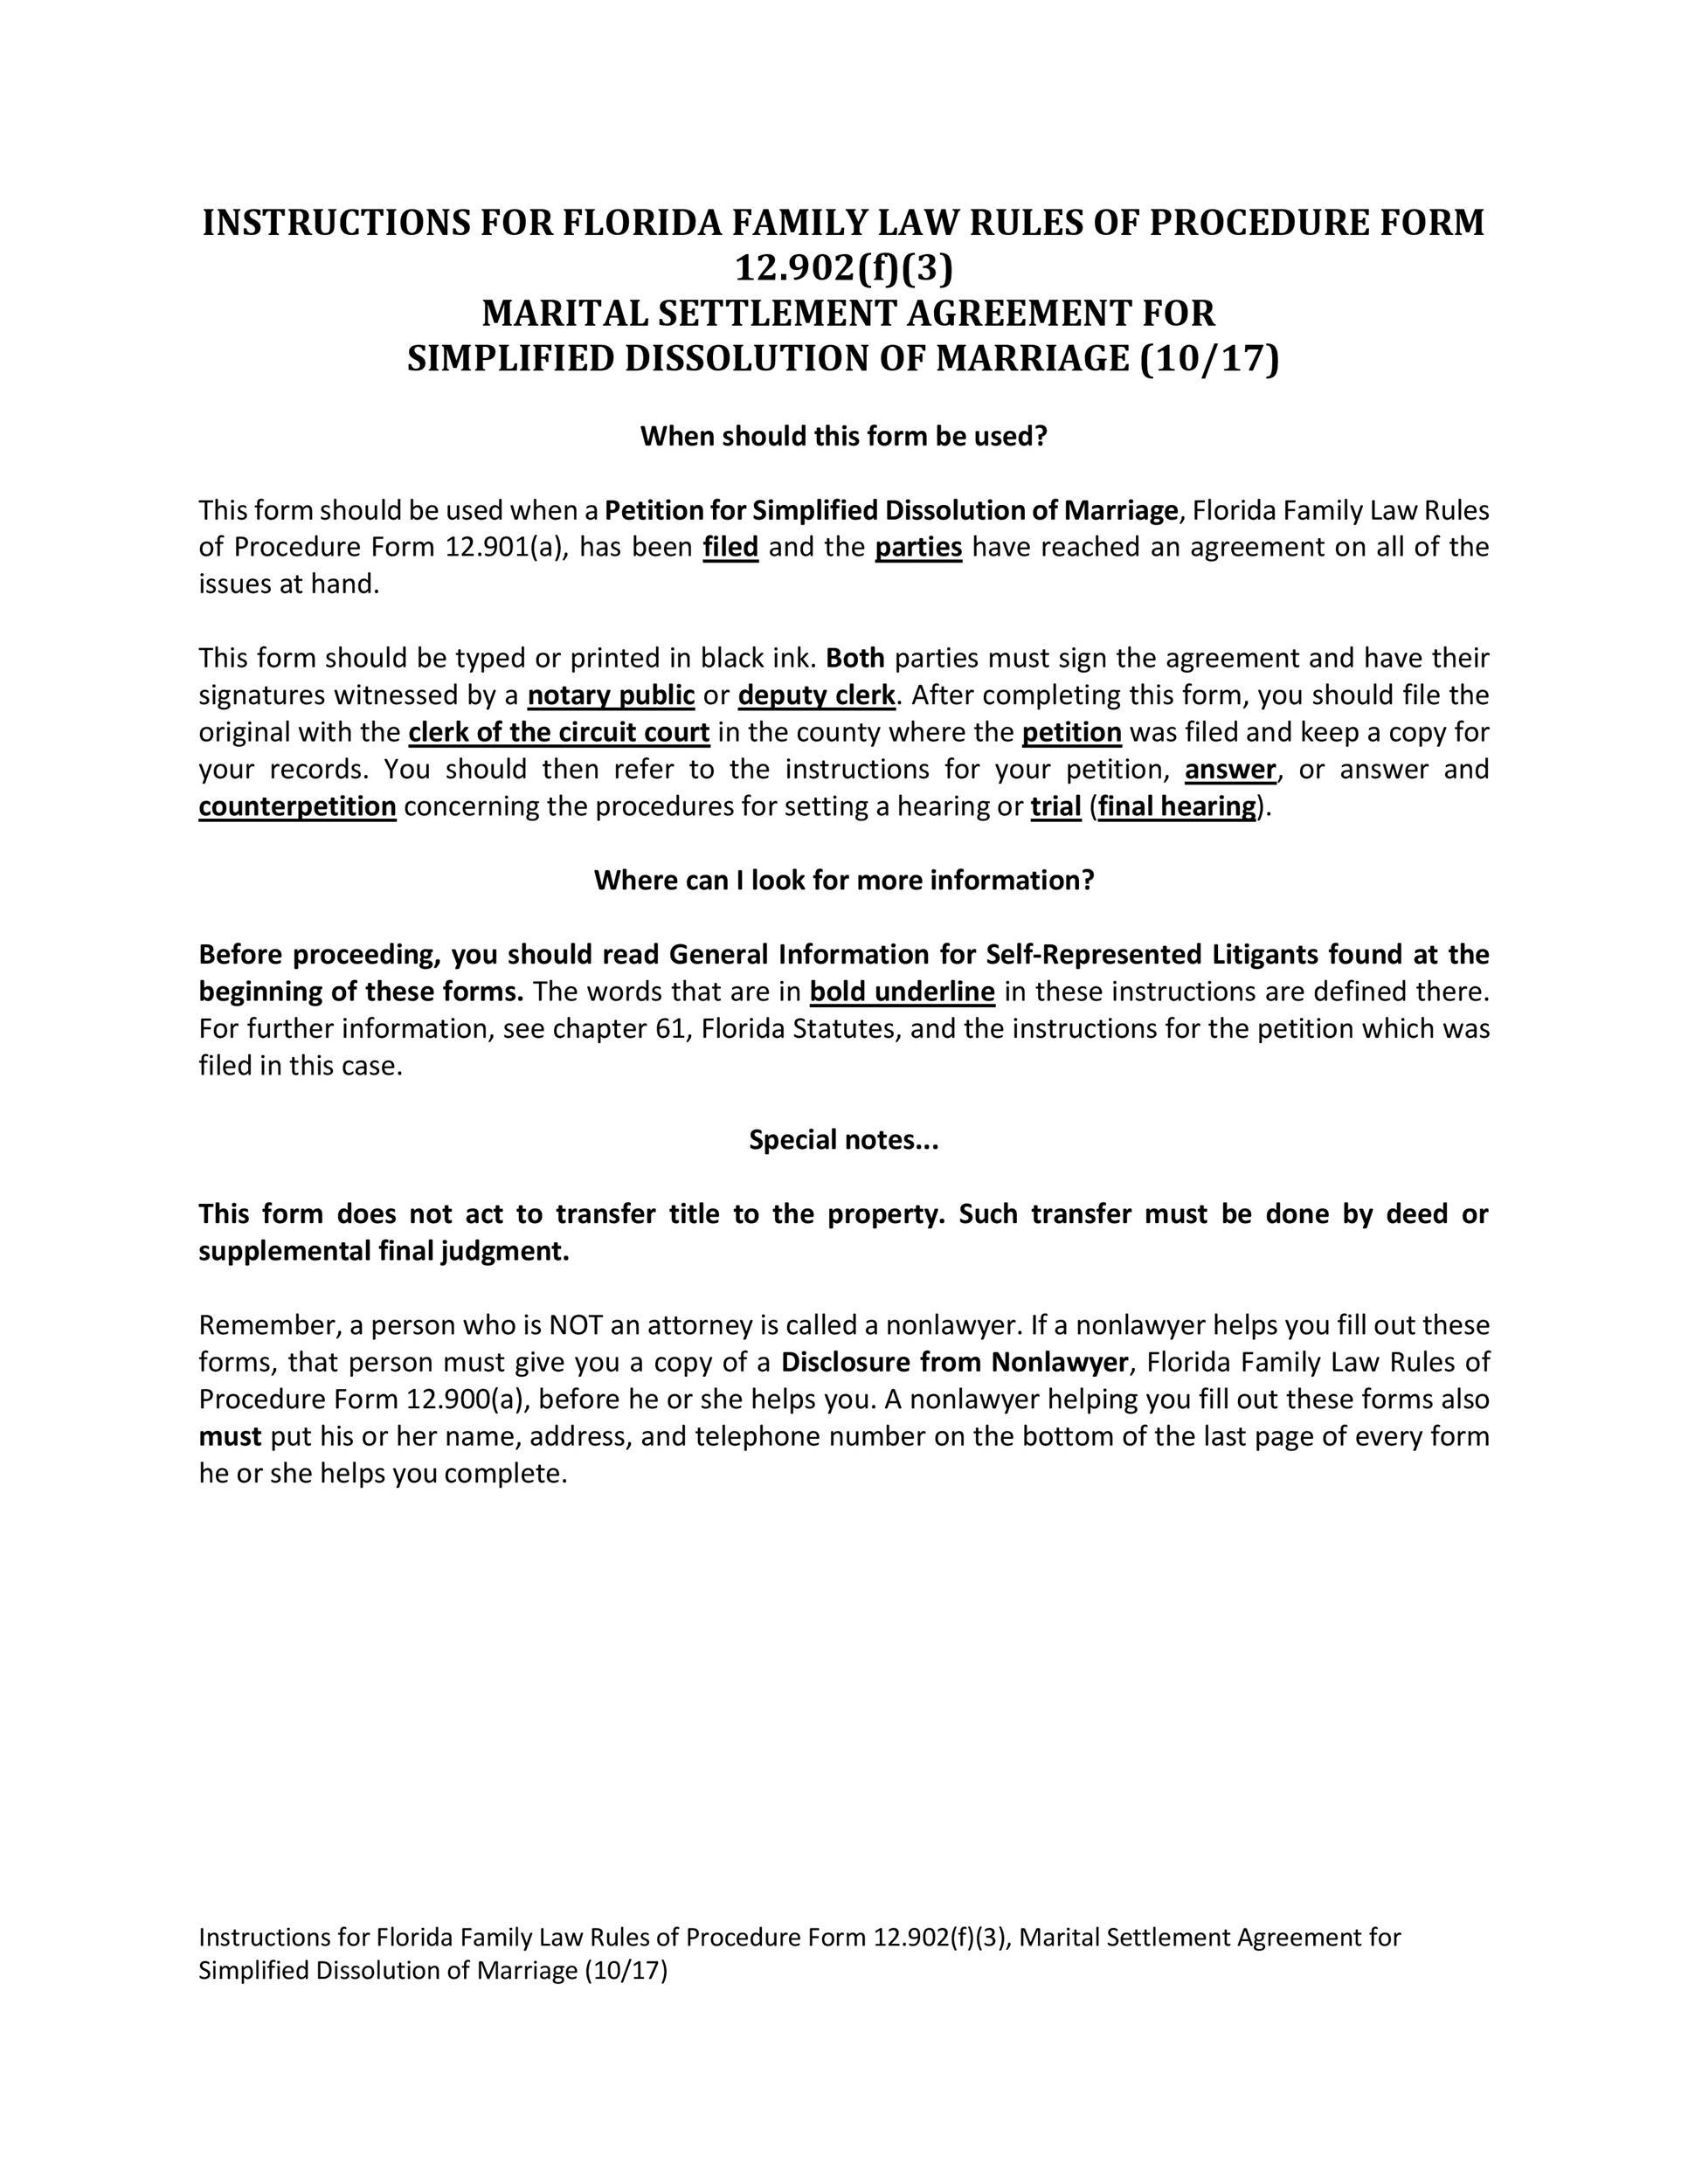 Free settlement agreement 39